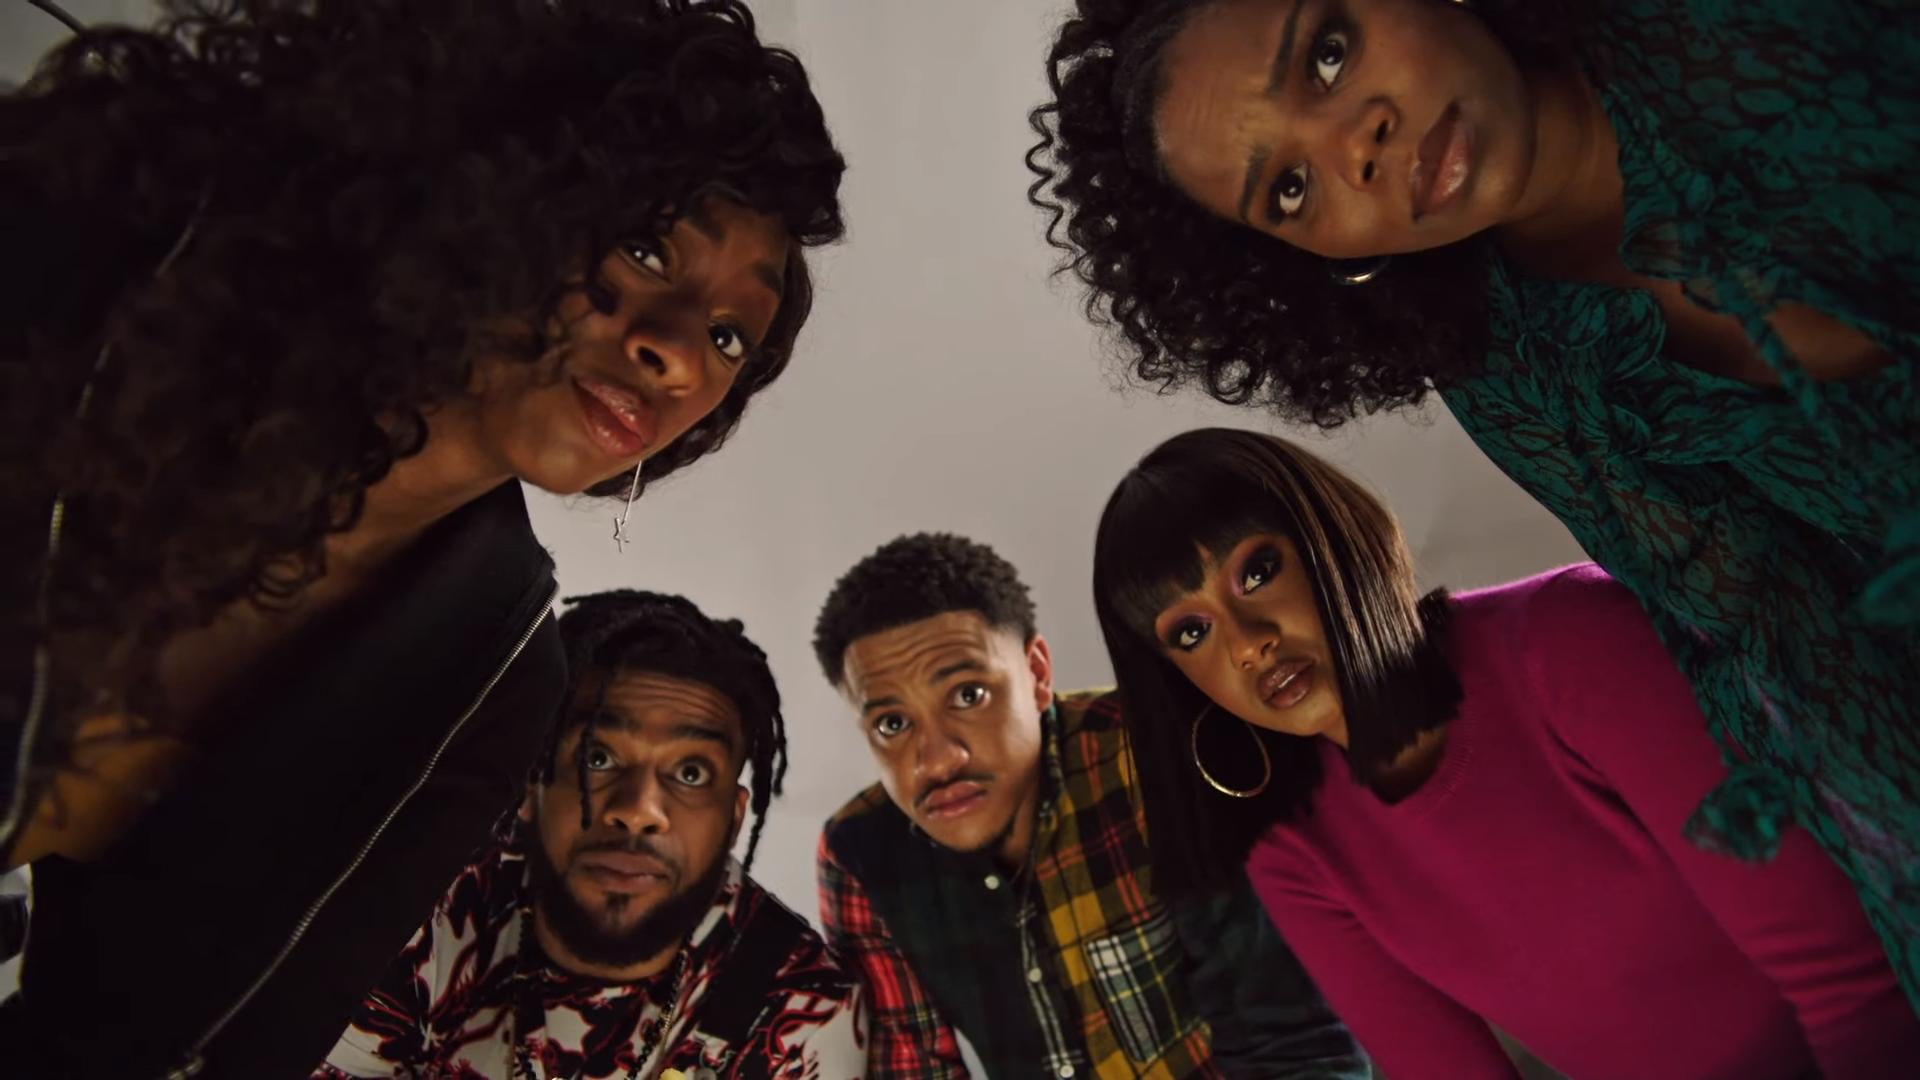 Boomerang: 2ª temporada será dirigida somente por mulheres negras